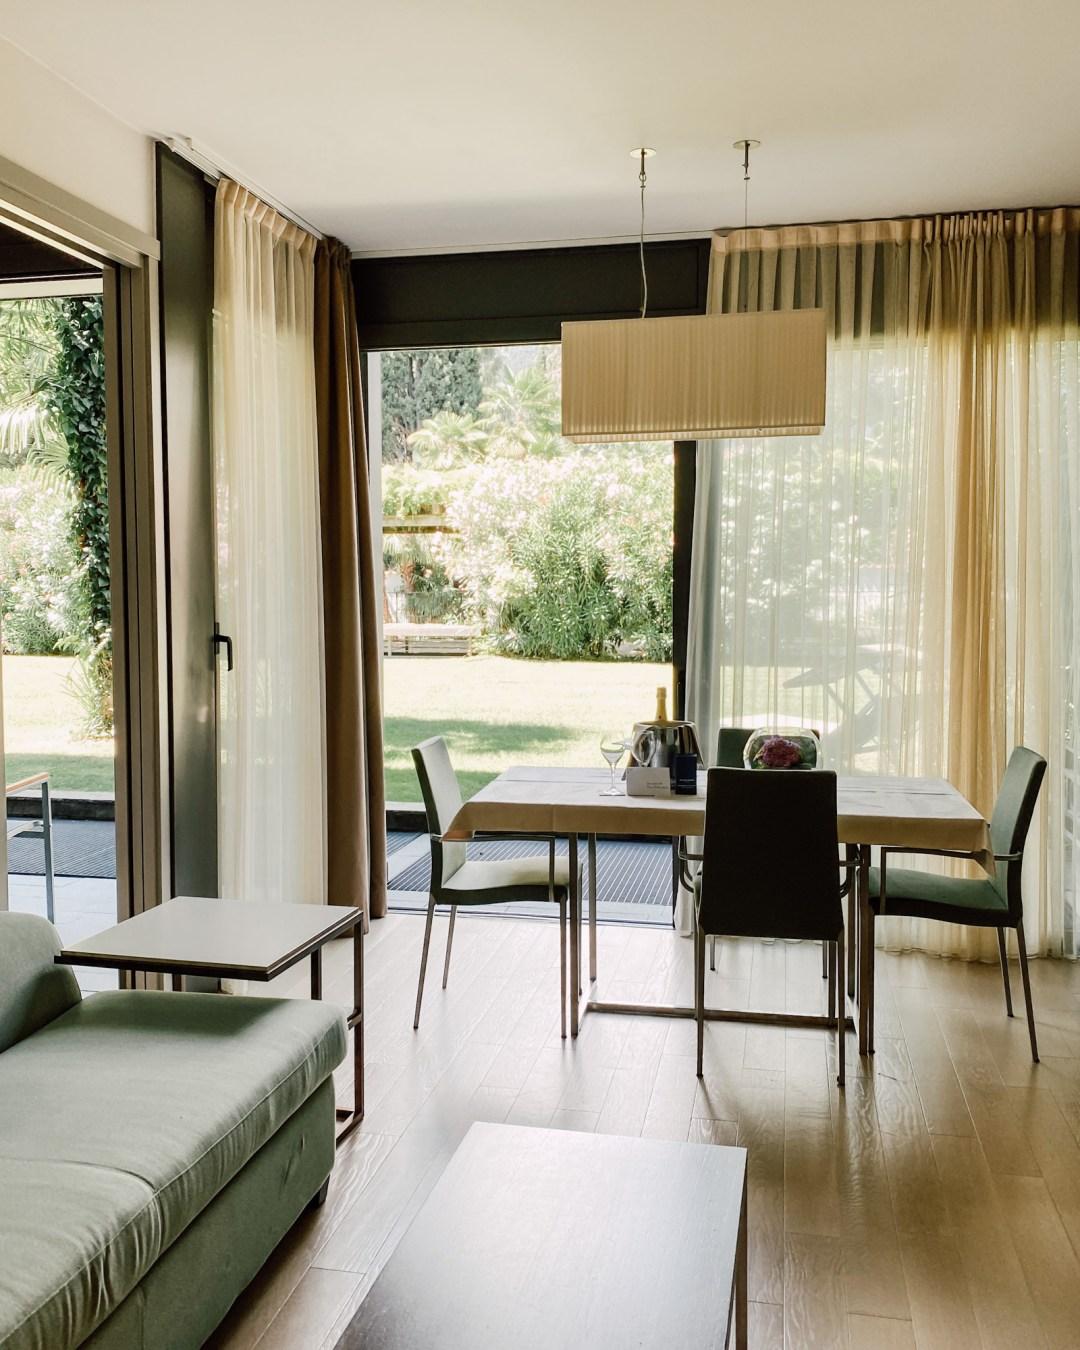 Inastil, Gardasee, Hotel Du Parc et Du Lac, Sommerstyle, Ü50Travelblogger, Riva del Garda, Urlaub, Auszeit, Sommerurlaub, Familienurlaub-3